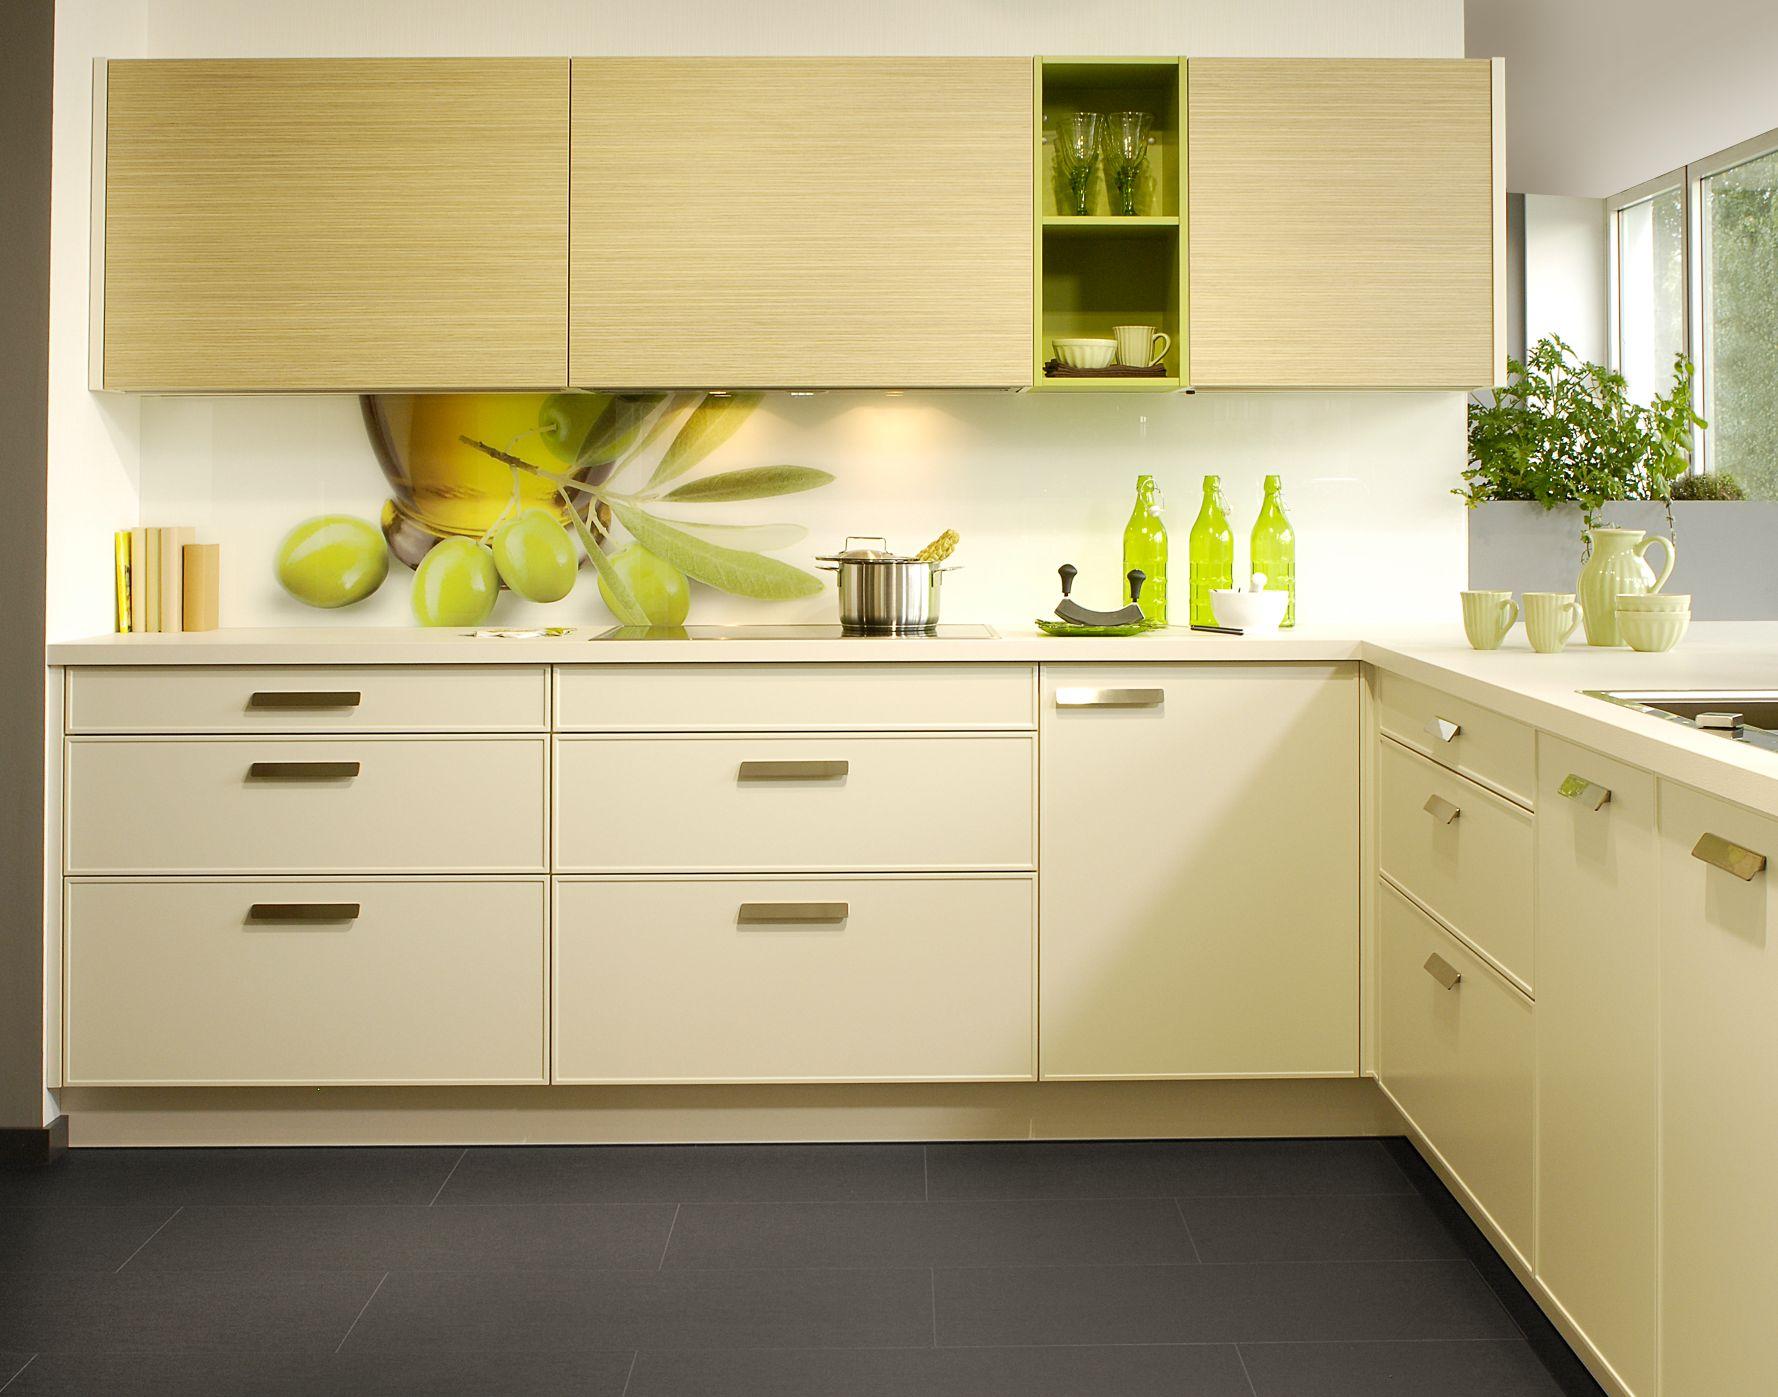 Foto Küche mit Glasrückwand